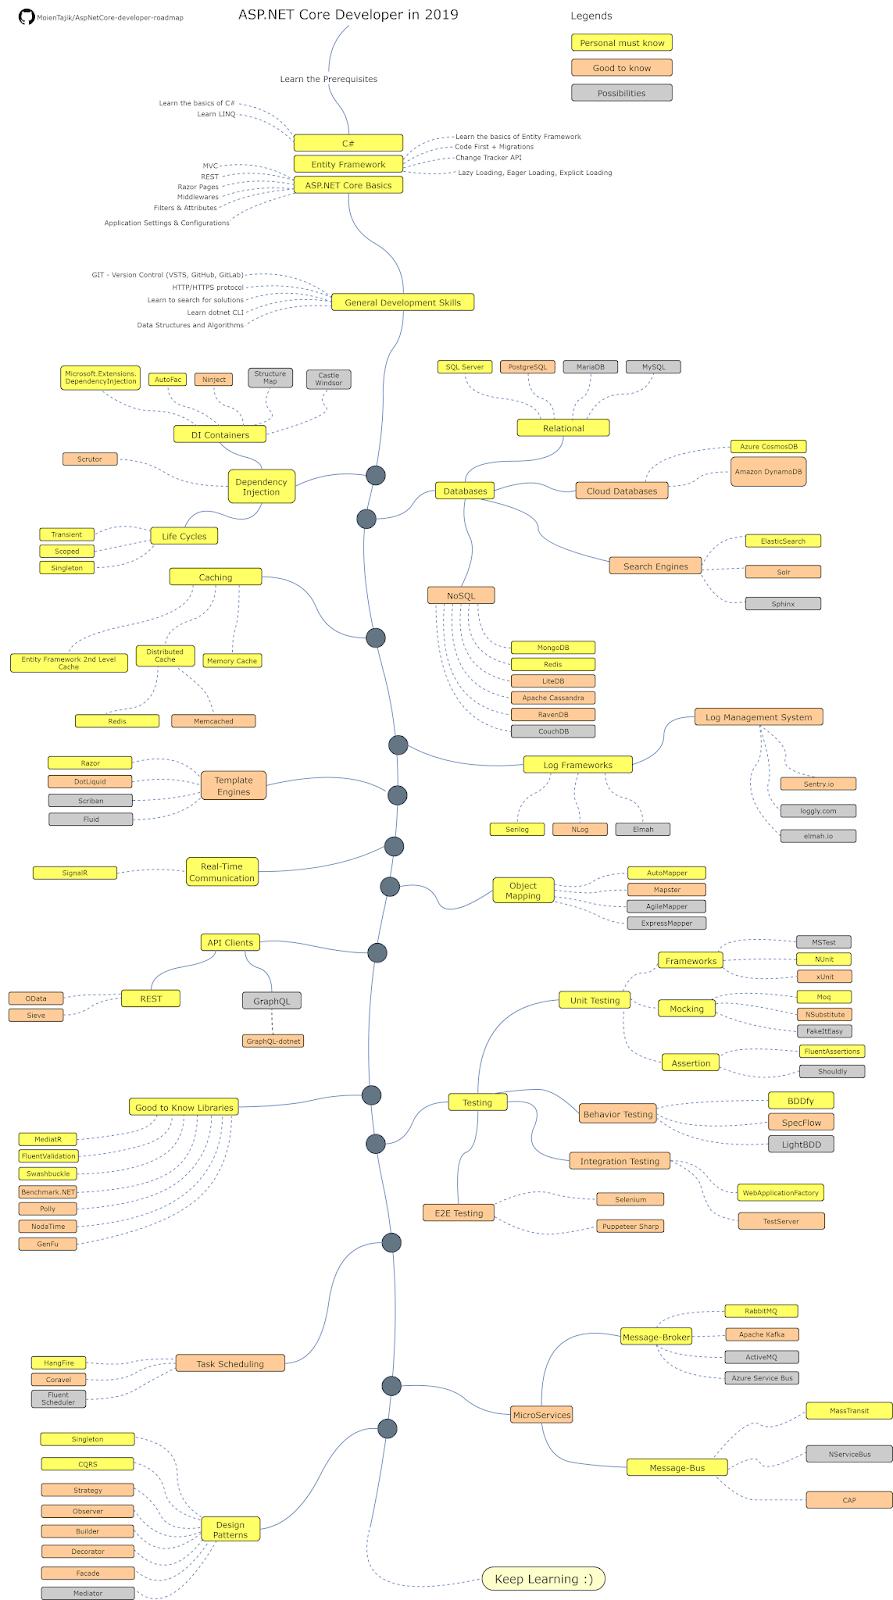 ASP.NET Core developer roadmap